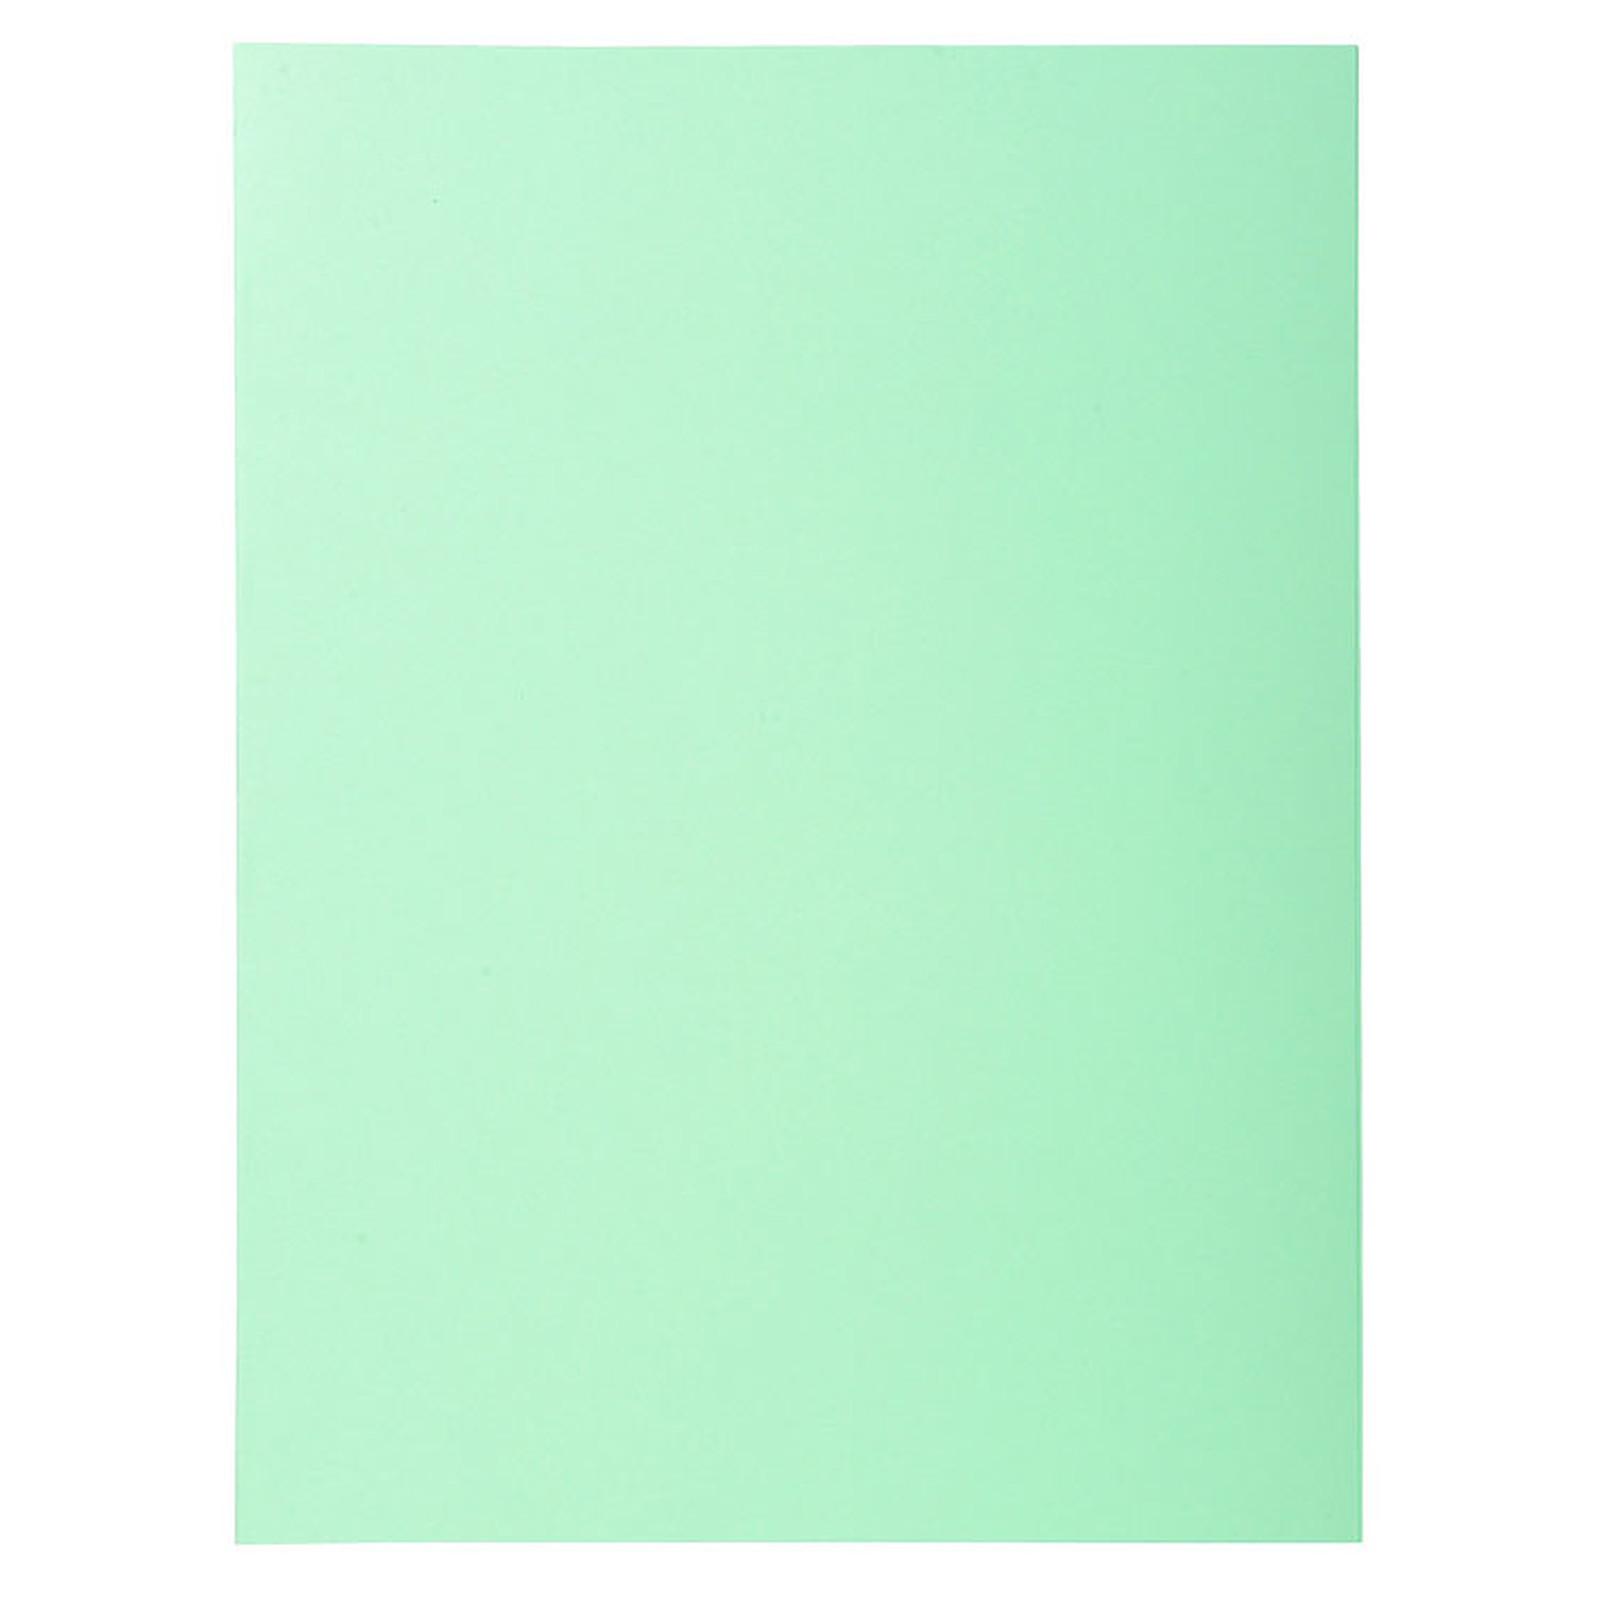 Exacompta Chemises Super Vert clair x 100